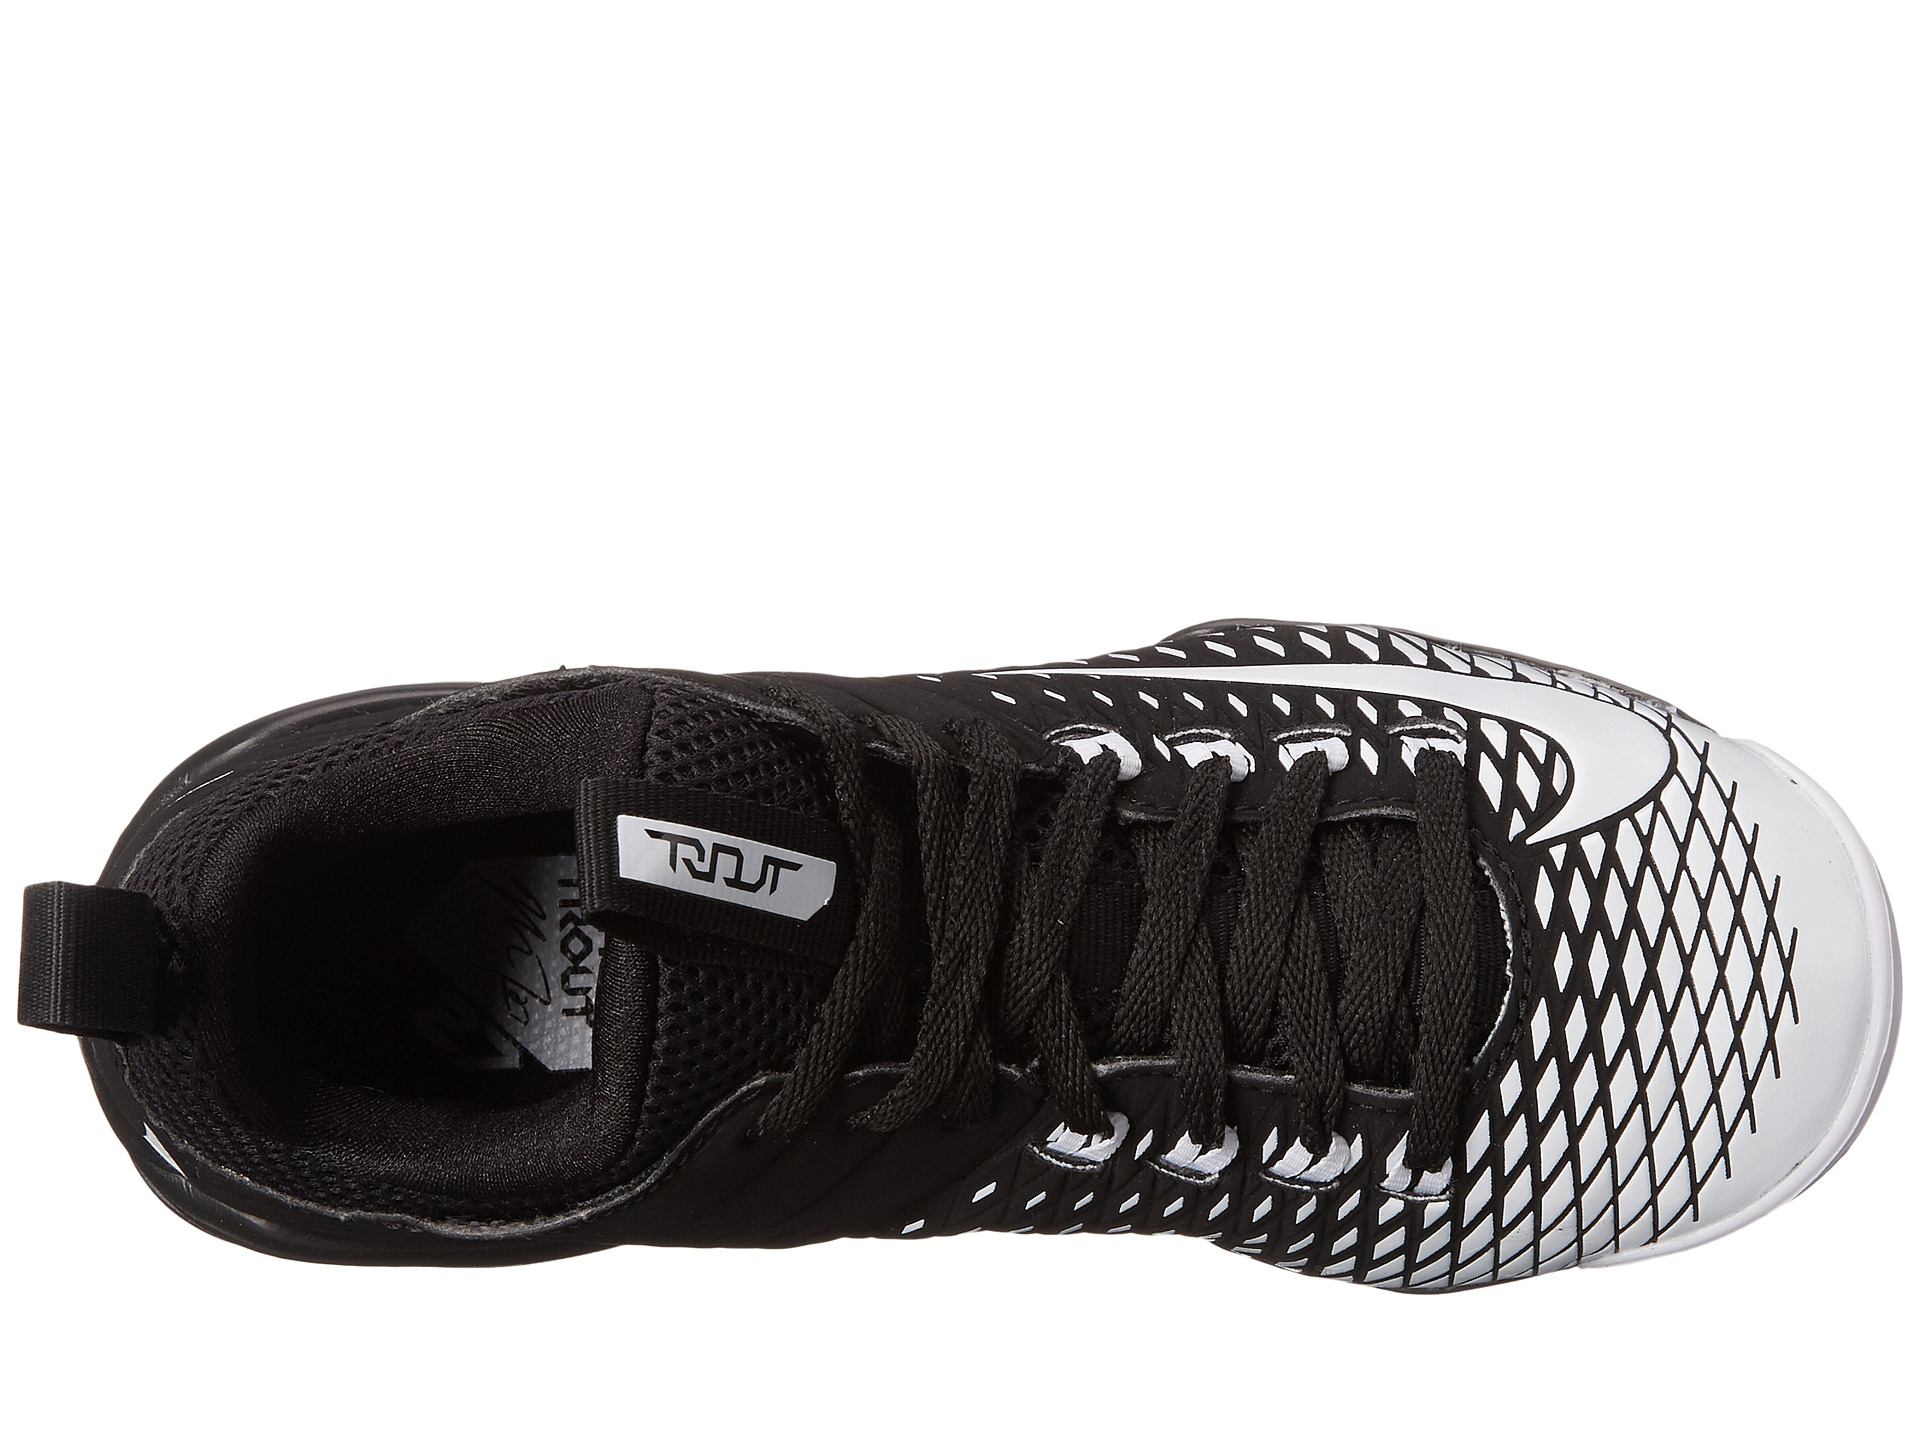 Shoes leather fetish clothing hit bg